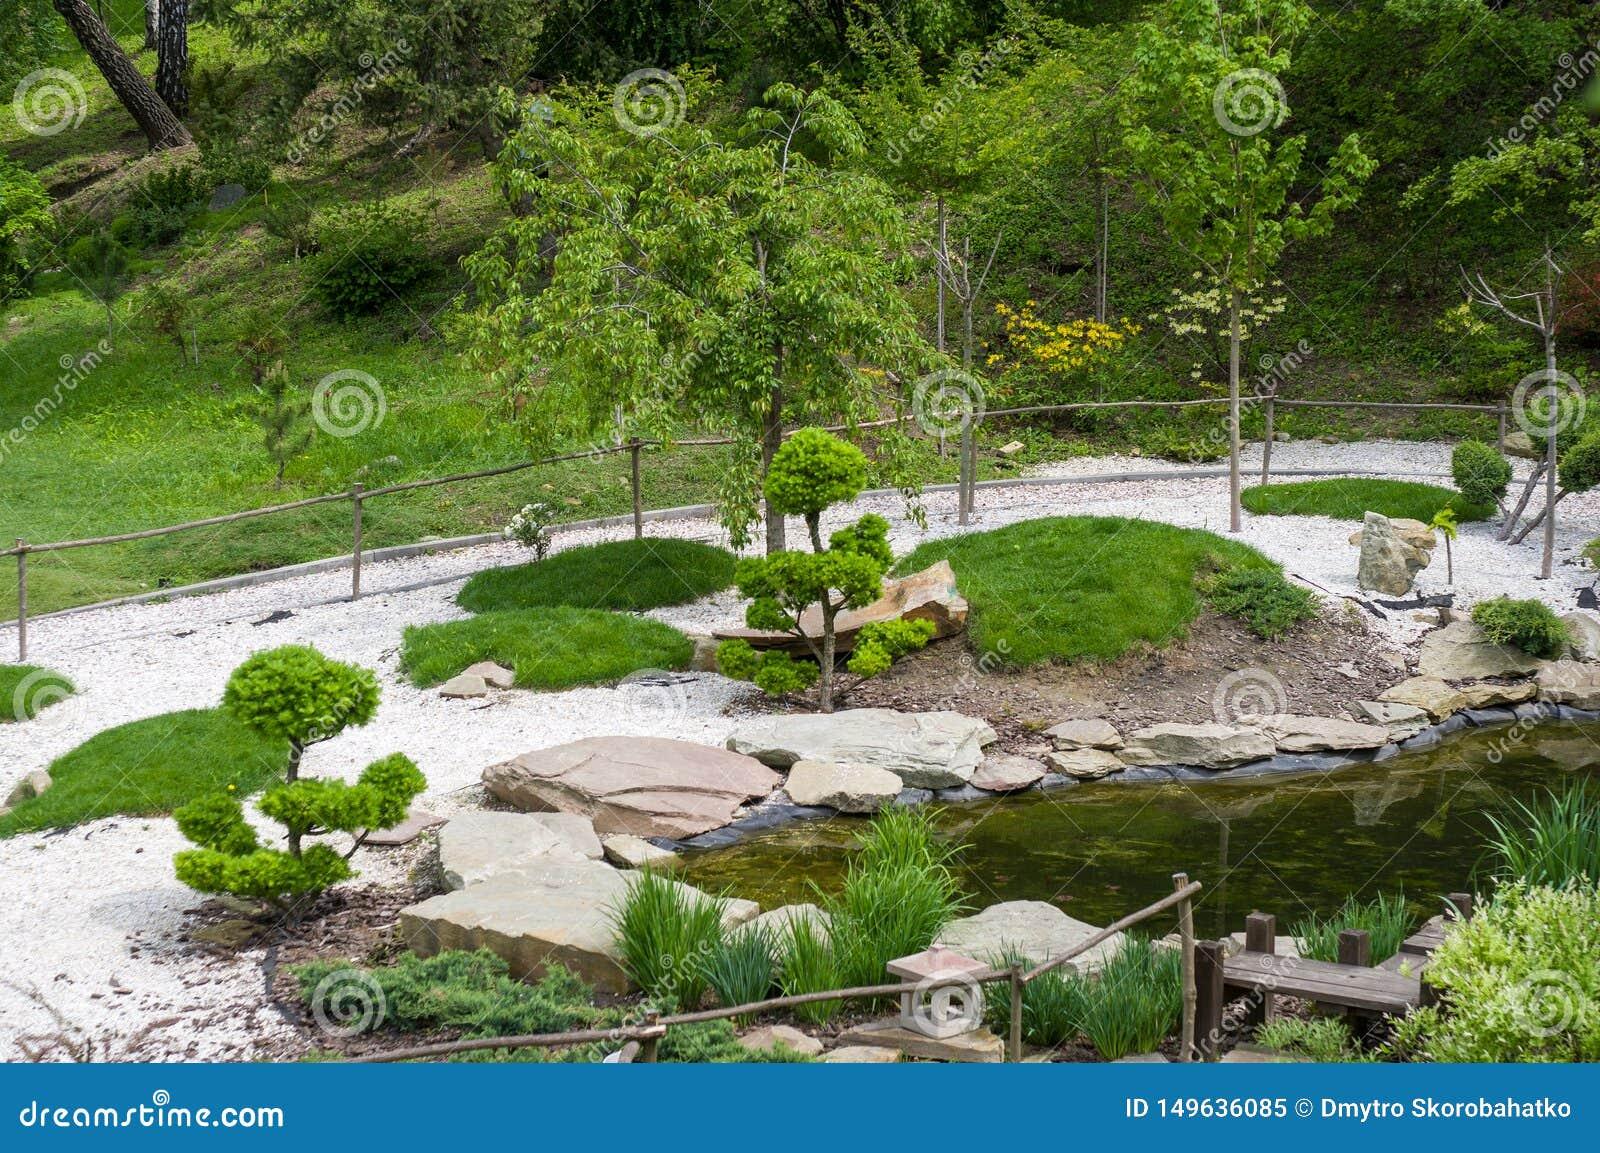 Le pietre, gli stagni e gli alberi decorativi sono installati nello stile giapponese Giardino botanico di Kyiv